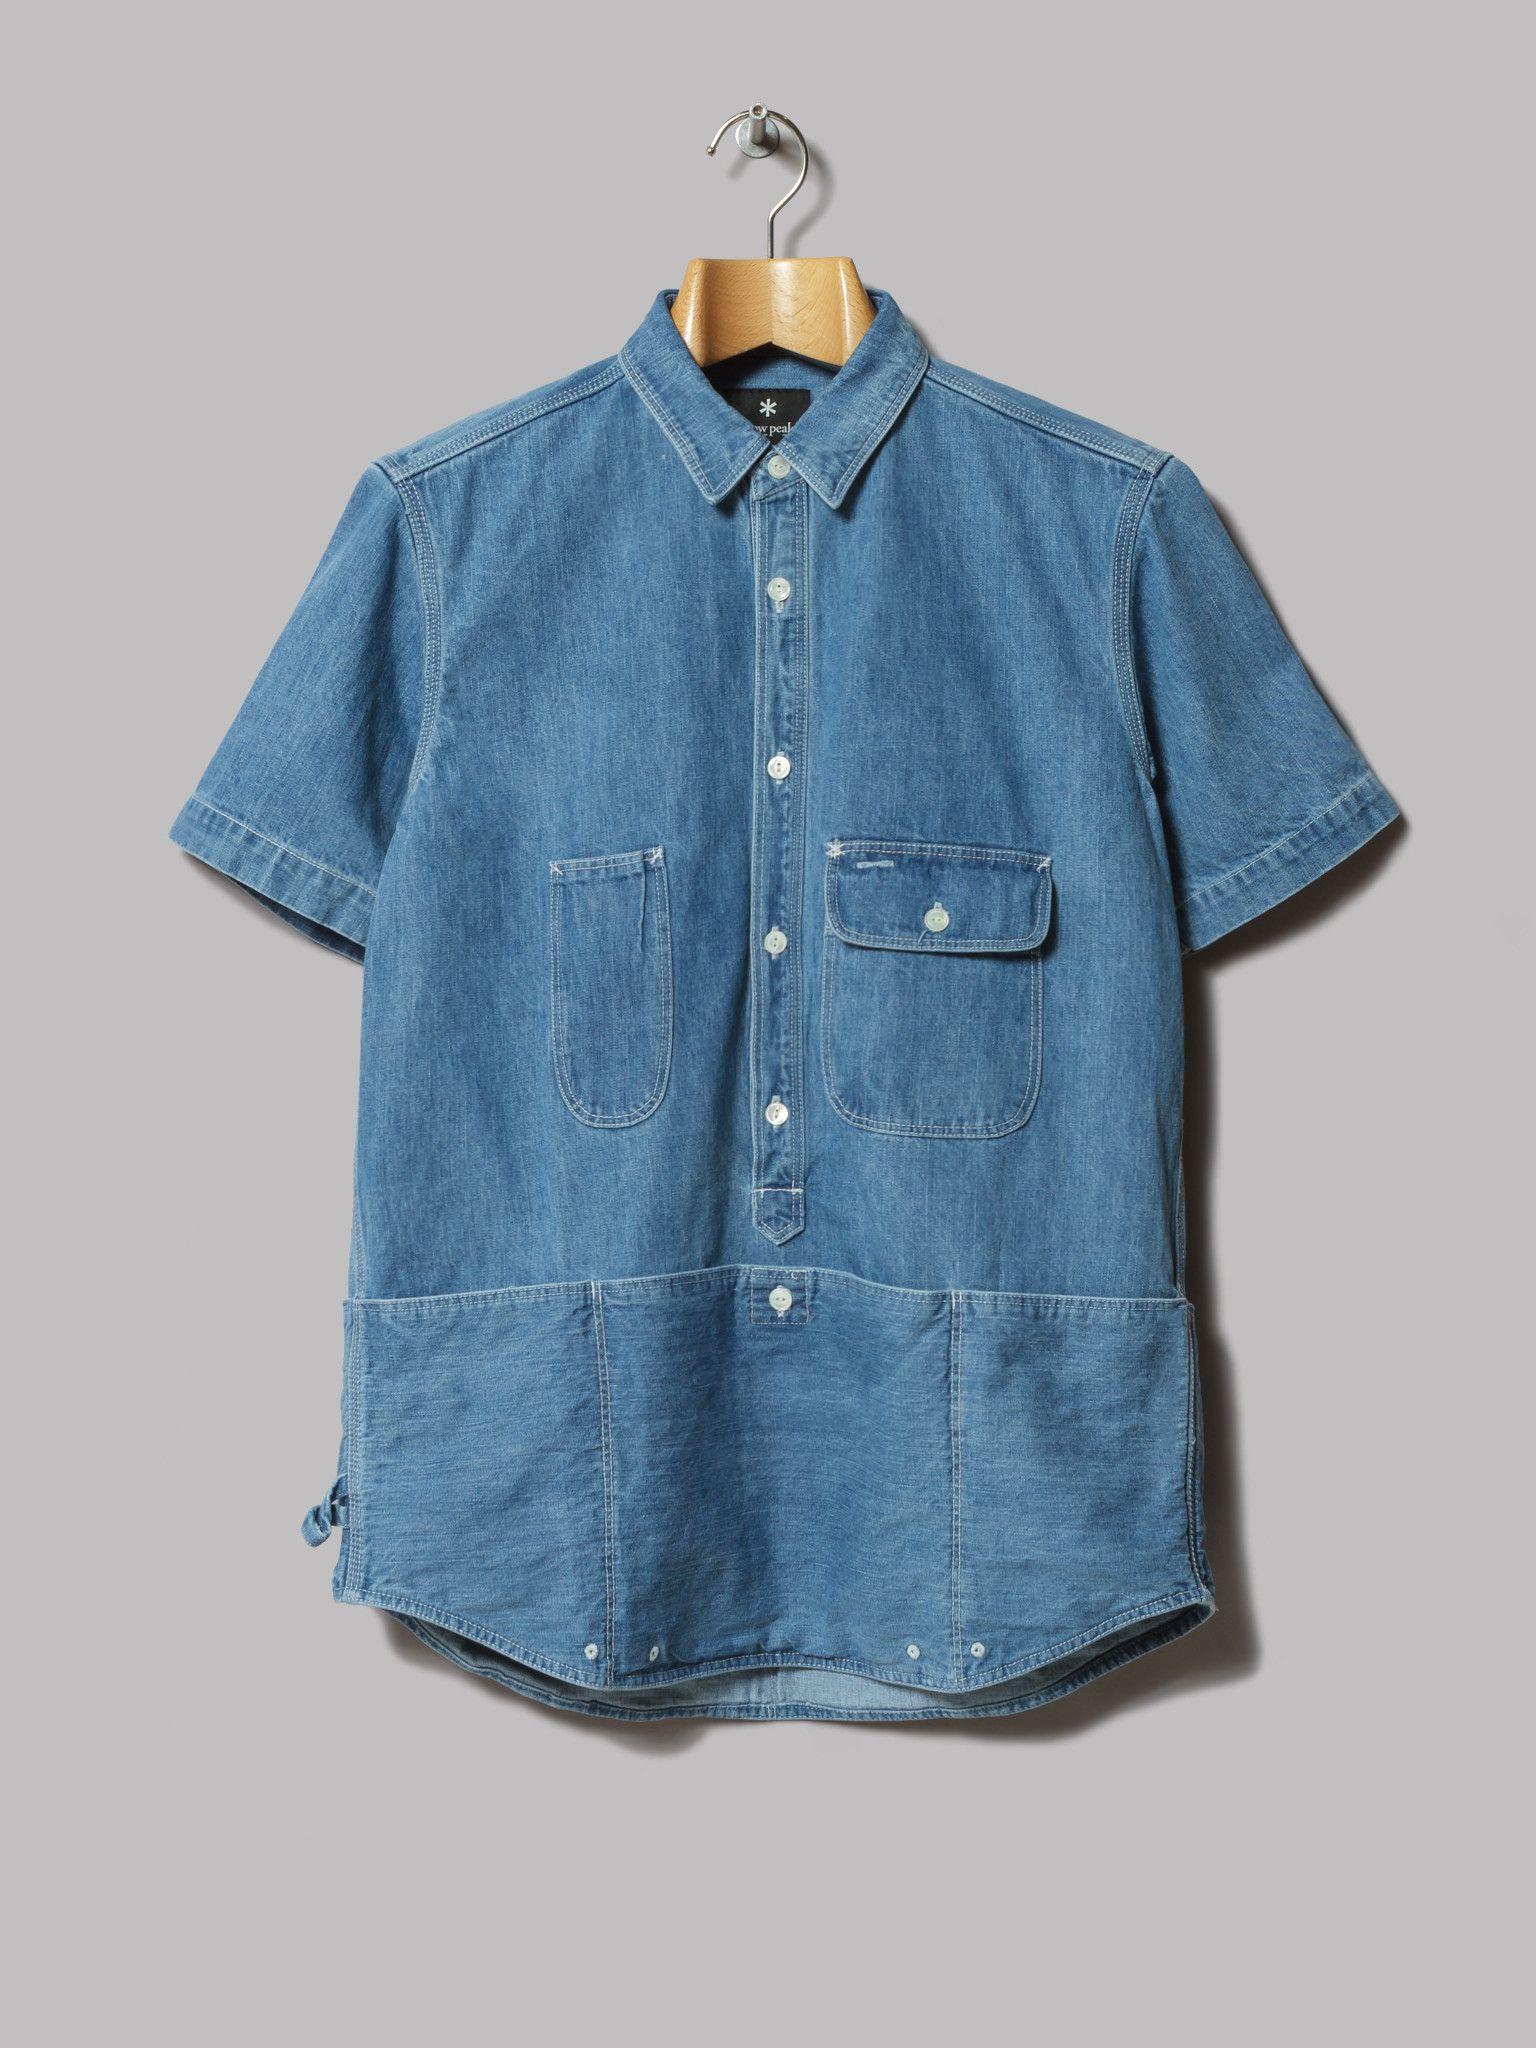 3e3c6ebaf1 Snow Peak Field Denim Pullover Short Sleeve Shirt (Indigo) Jean Shirts